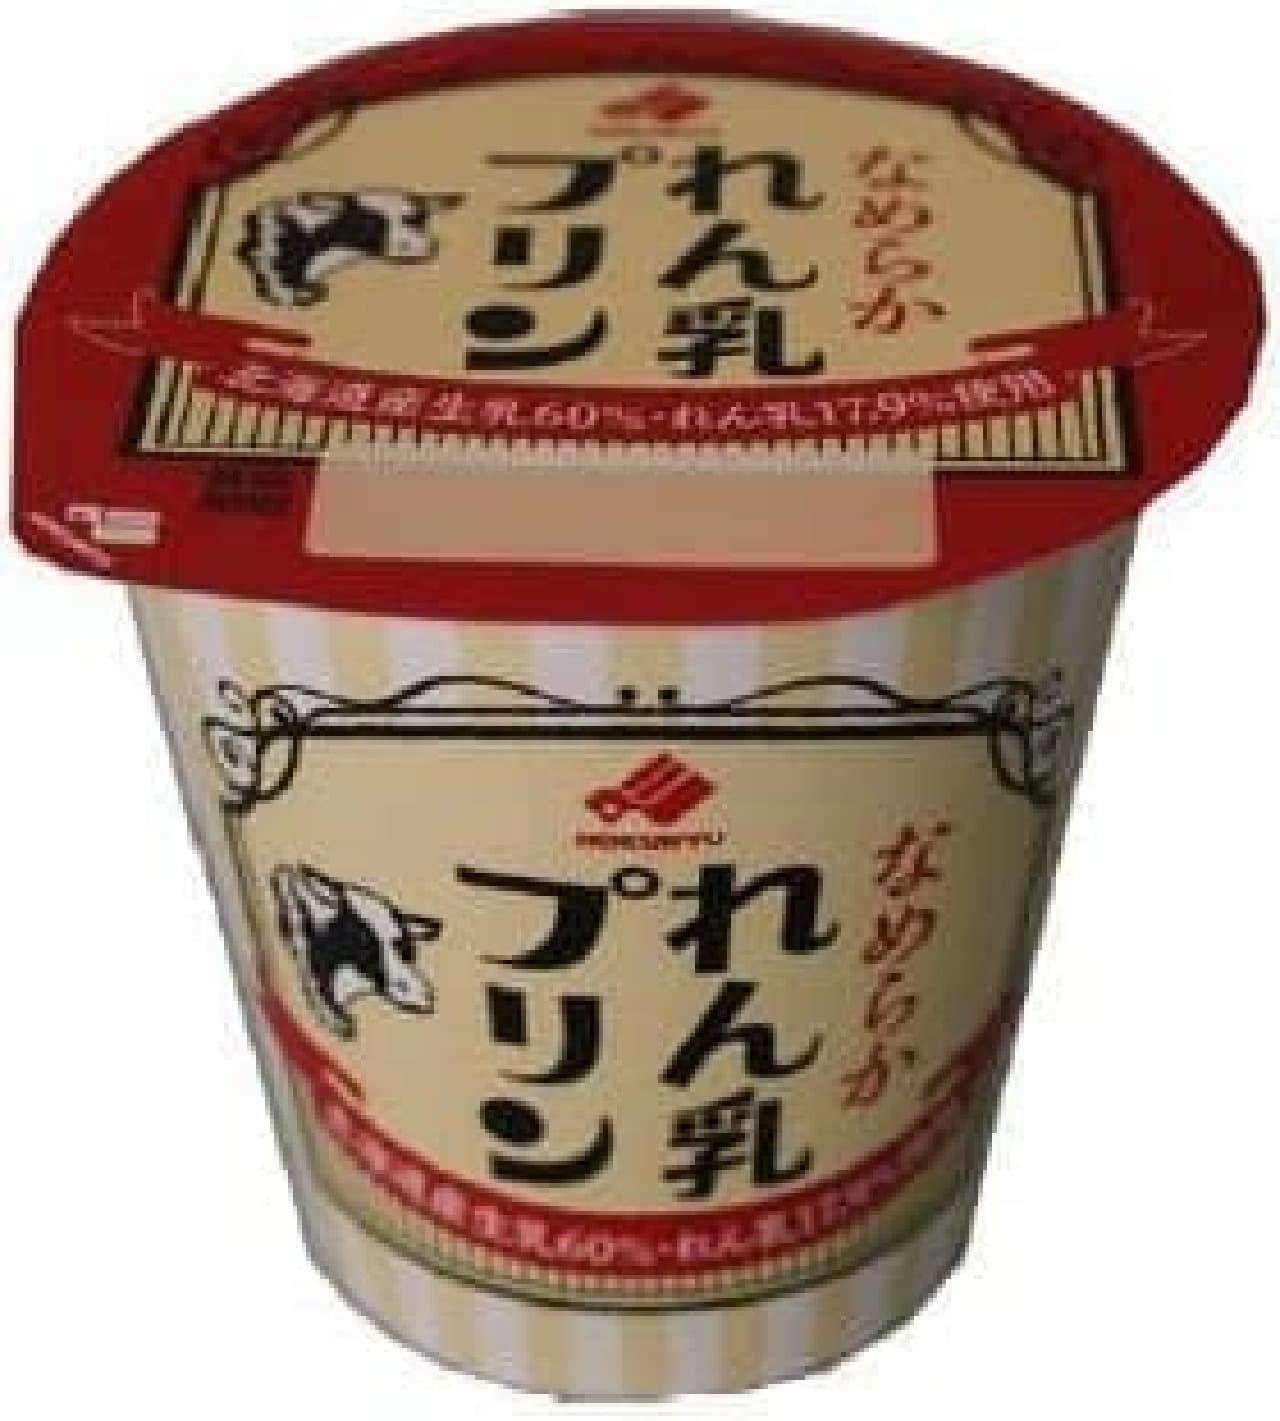 北海道産の生乳にこだわって作られた「れん乳プリン」